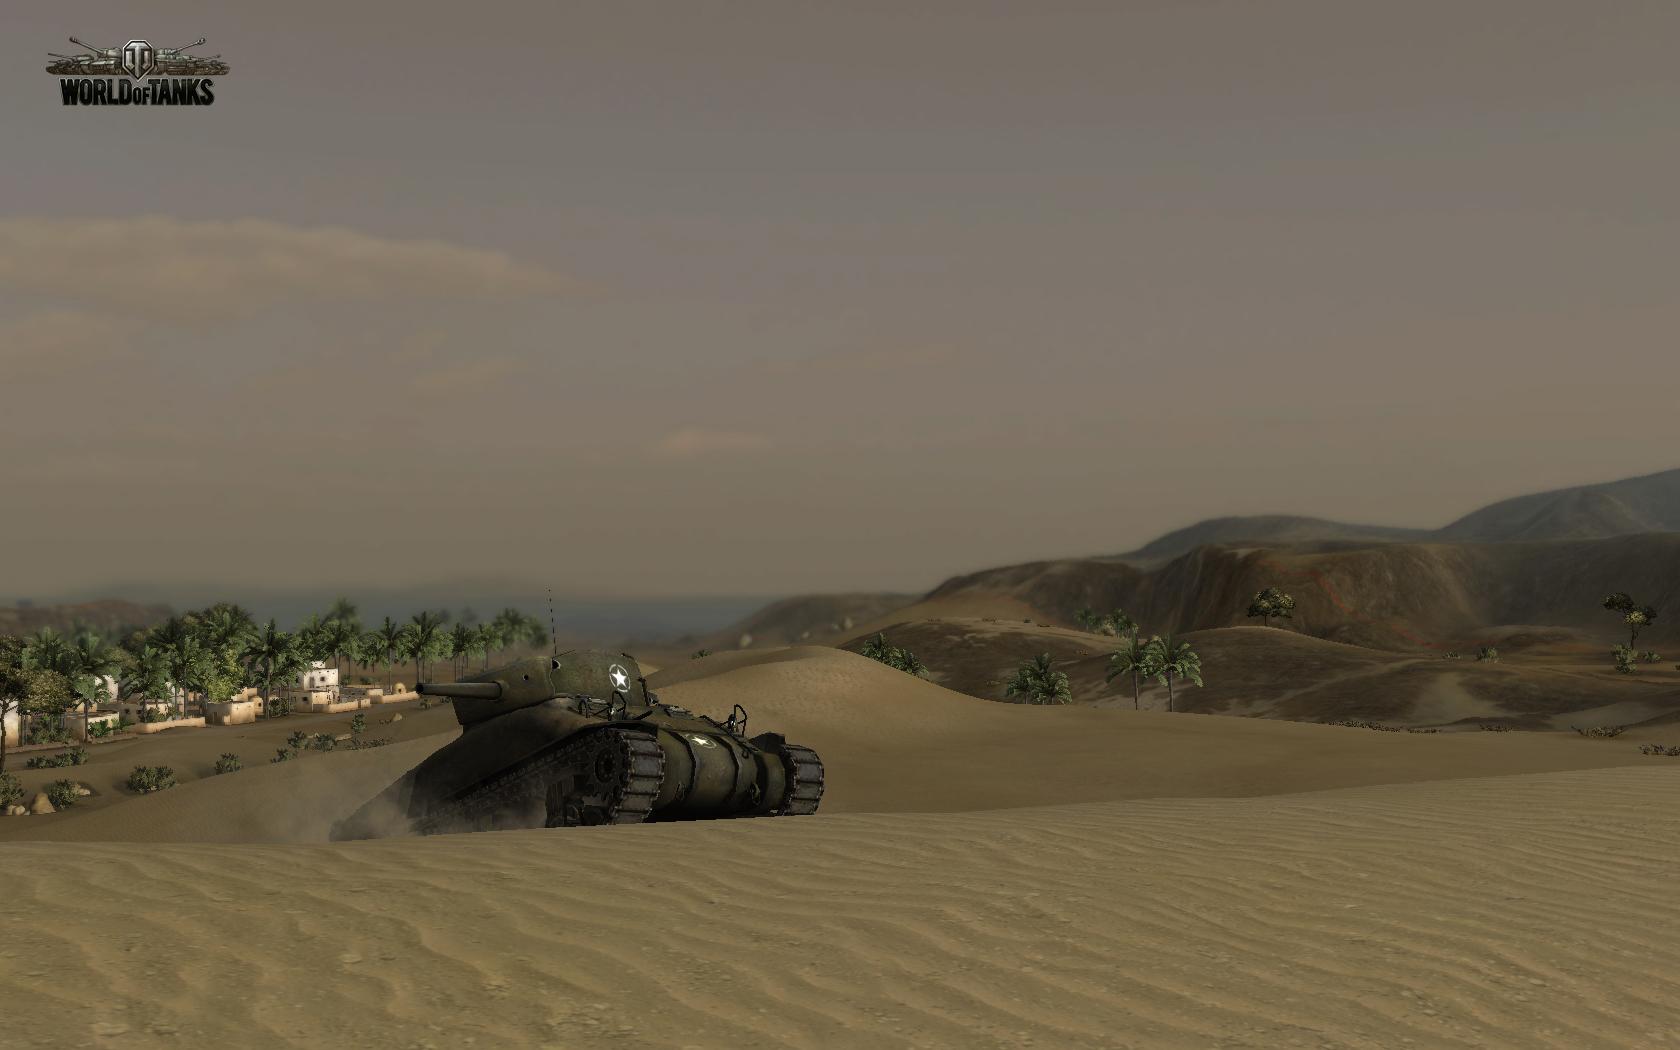 Klicke auf die Grafik für eine größere AnsichtName:World of Tanks 34.jpgHits:54Größe:651,1 KBID:1240